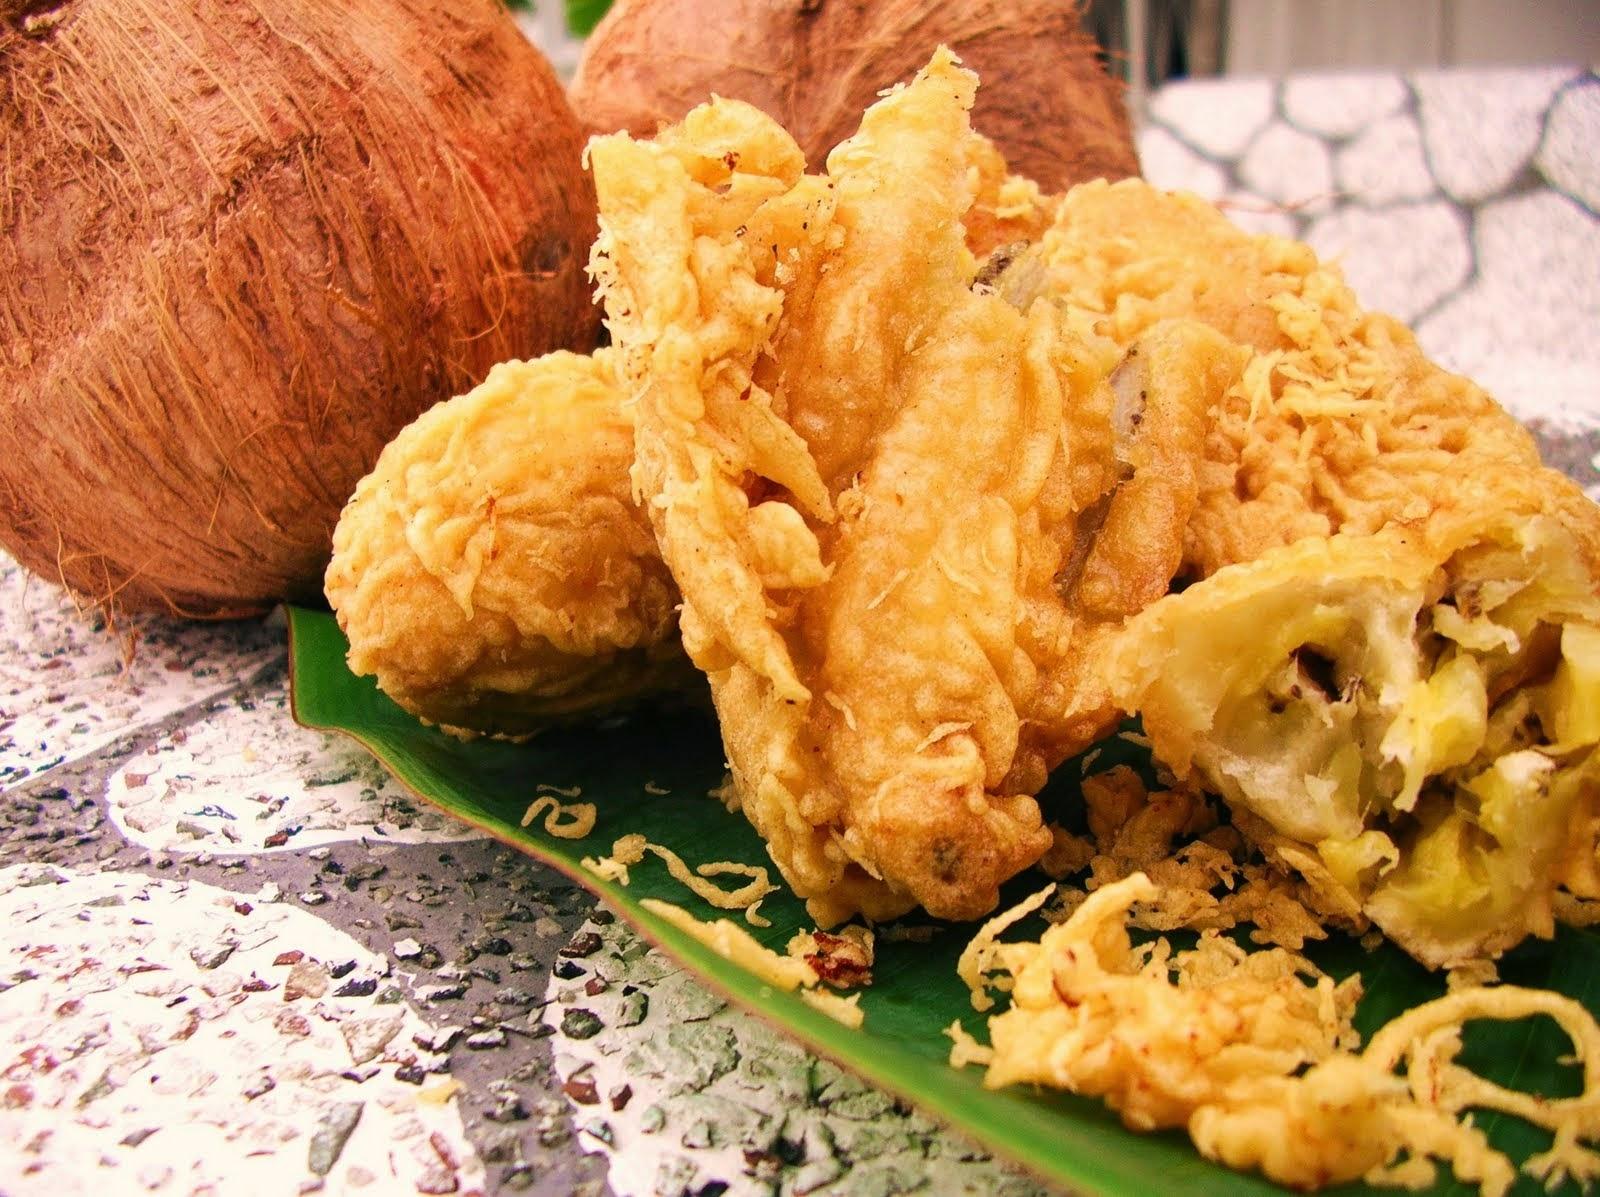 Resep pisang goreng, cara membuat pisang goreng crispy, pisang goreng, cara bikin pisang goreng, bahan pisang goreng.